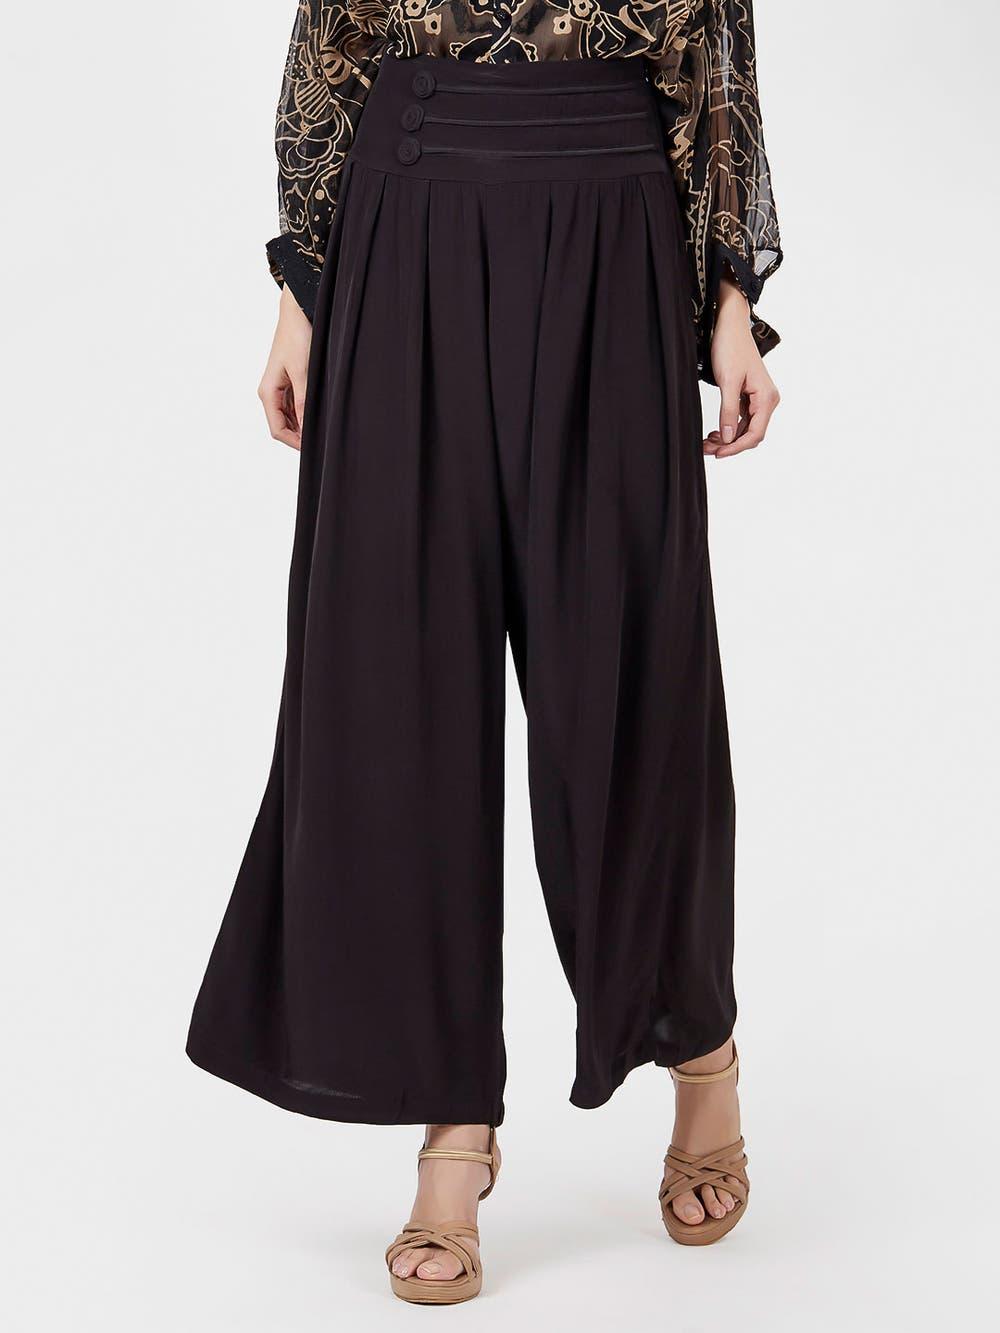 Black Basic Flared Trousers